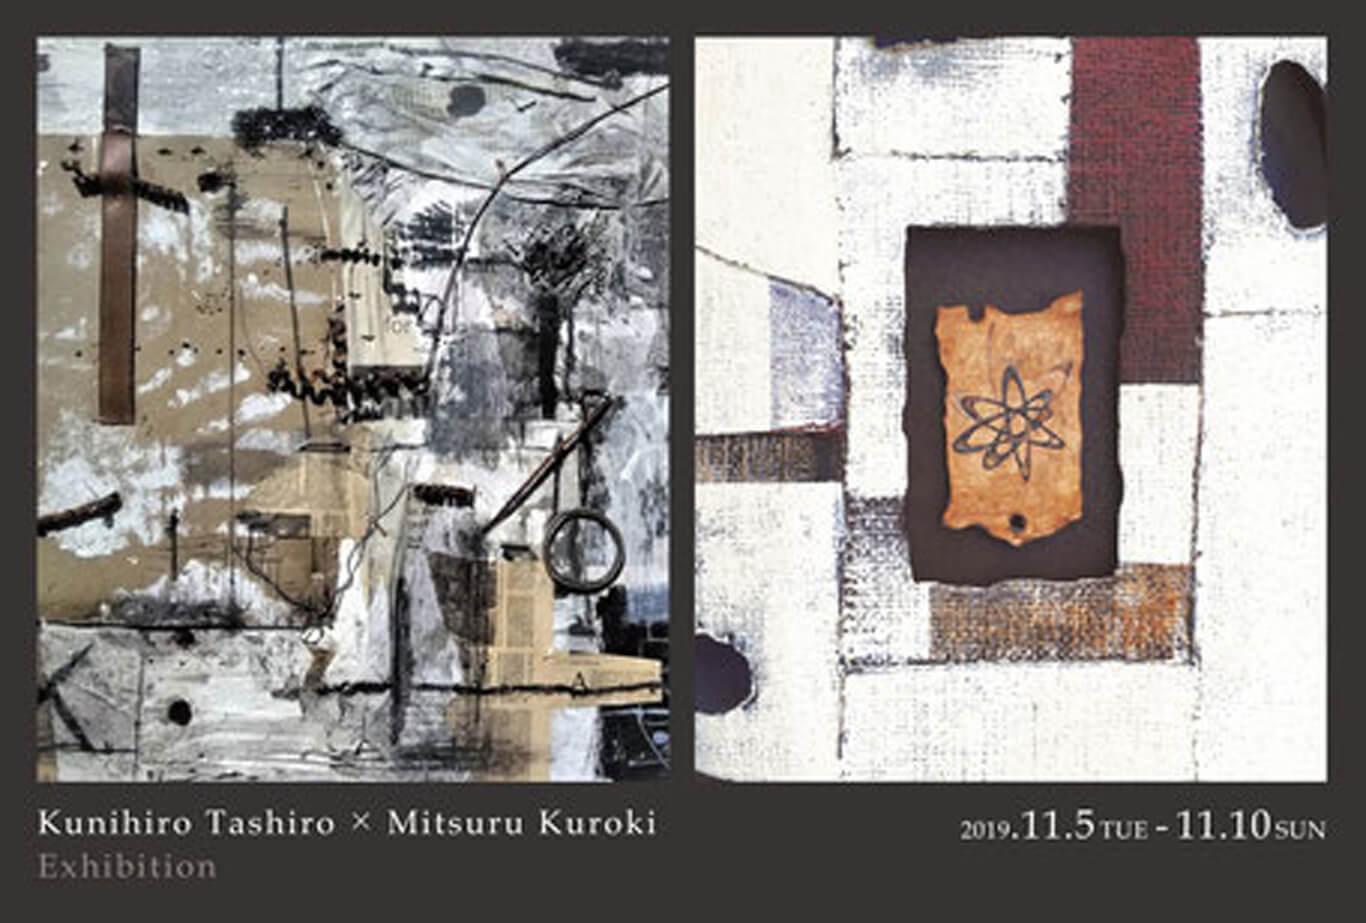 enlc-201911-田代国浩 くろきみつる 2人展